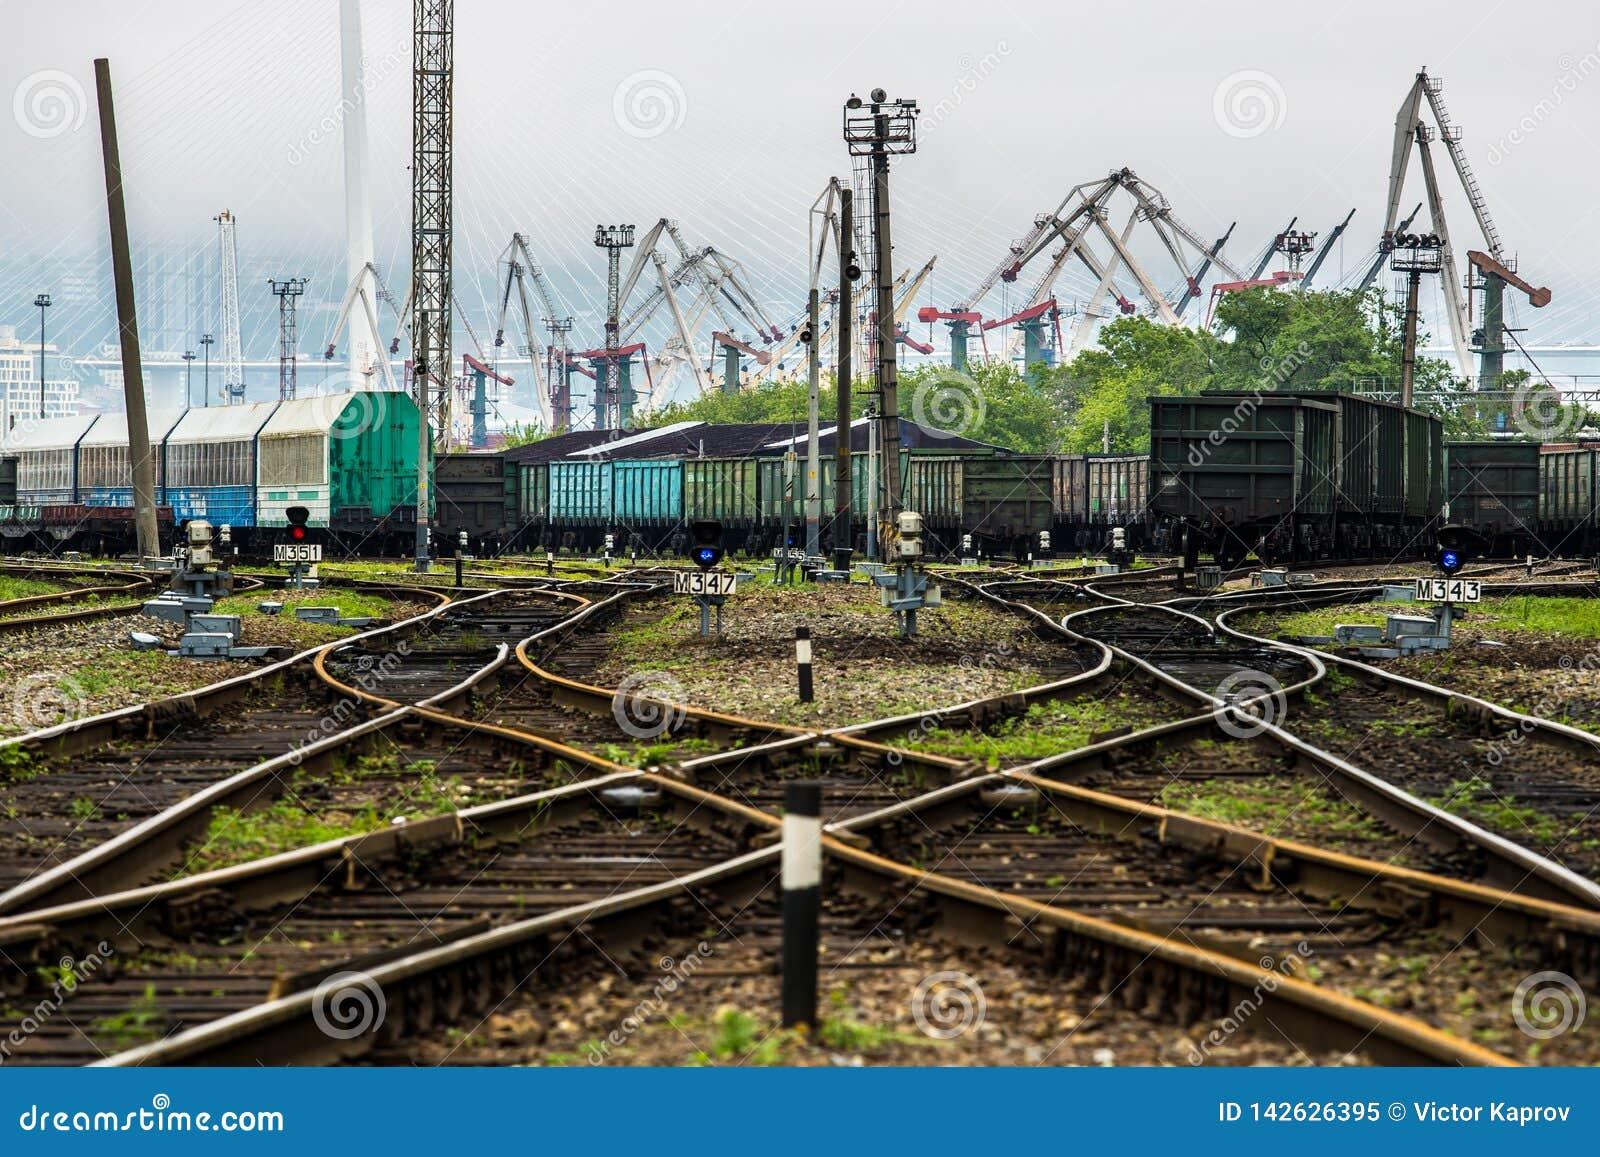 Железнодорожные пути и порт на заднем плане